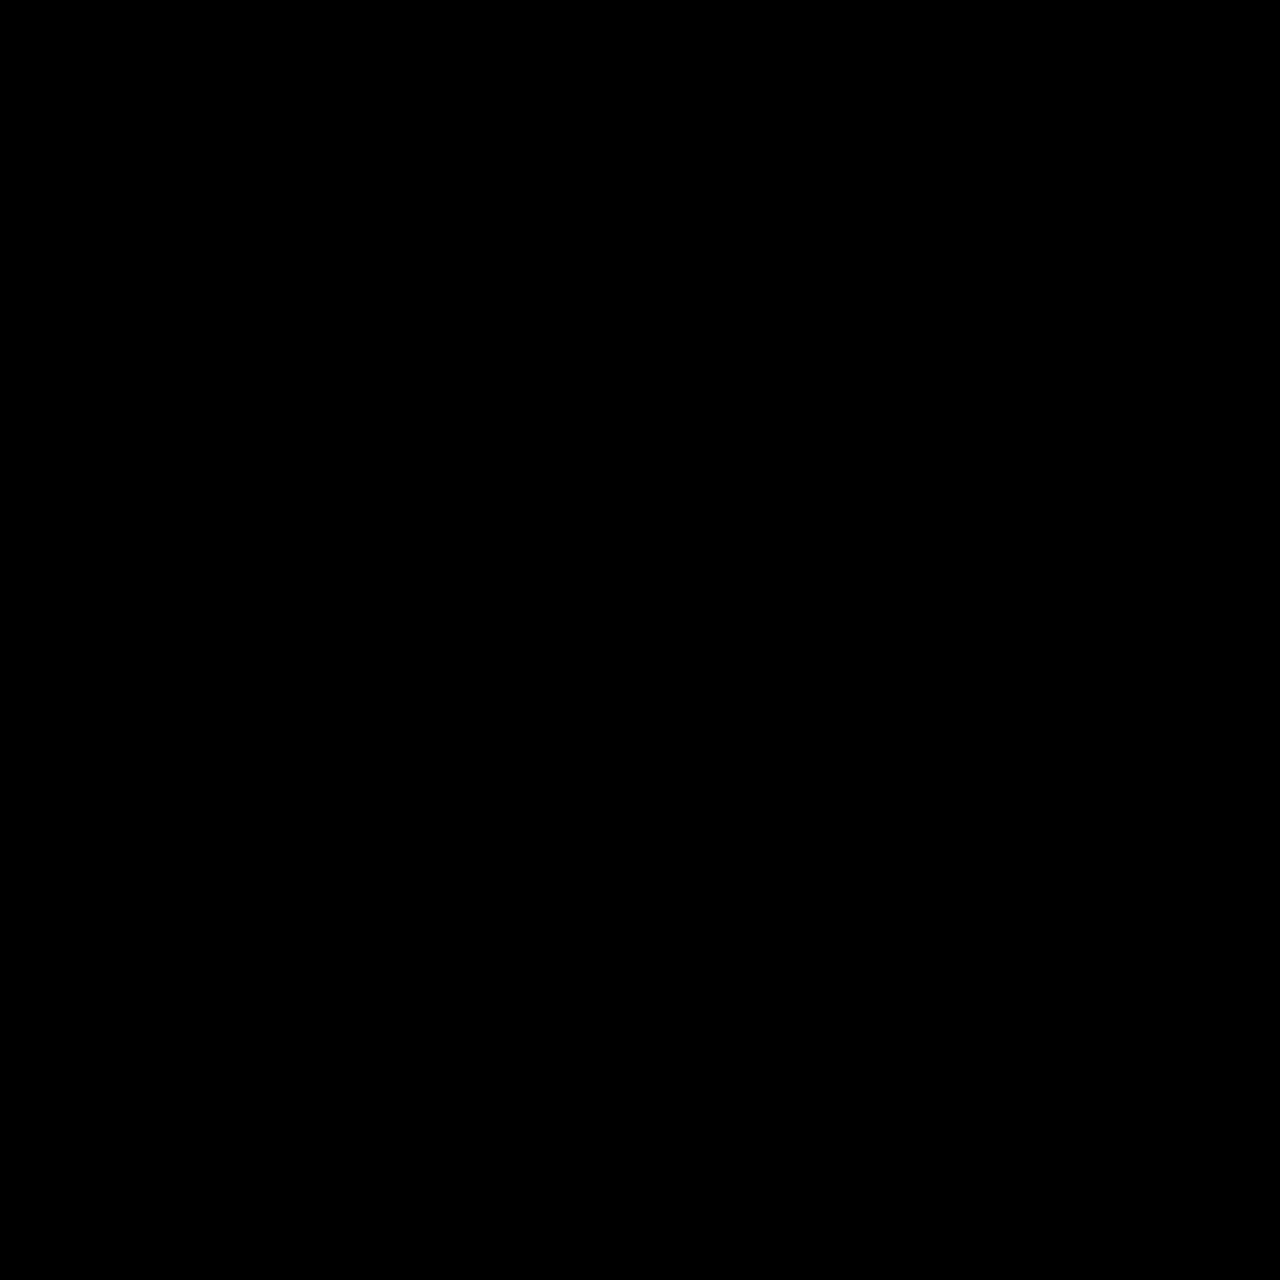 signe-1923369_1280